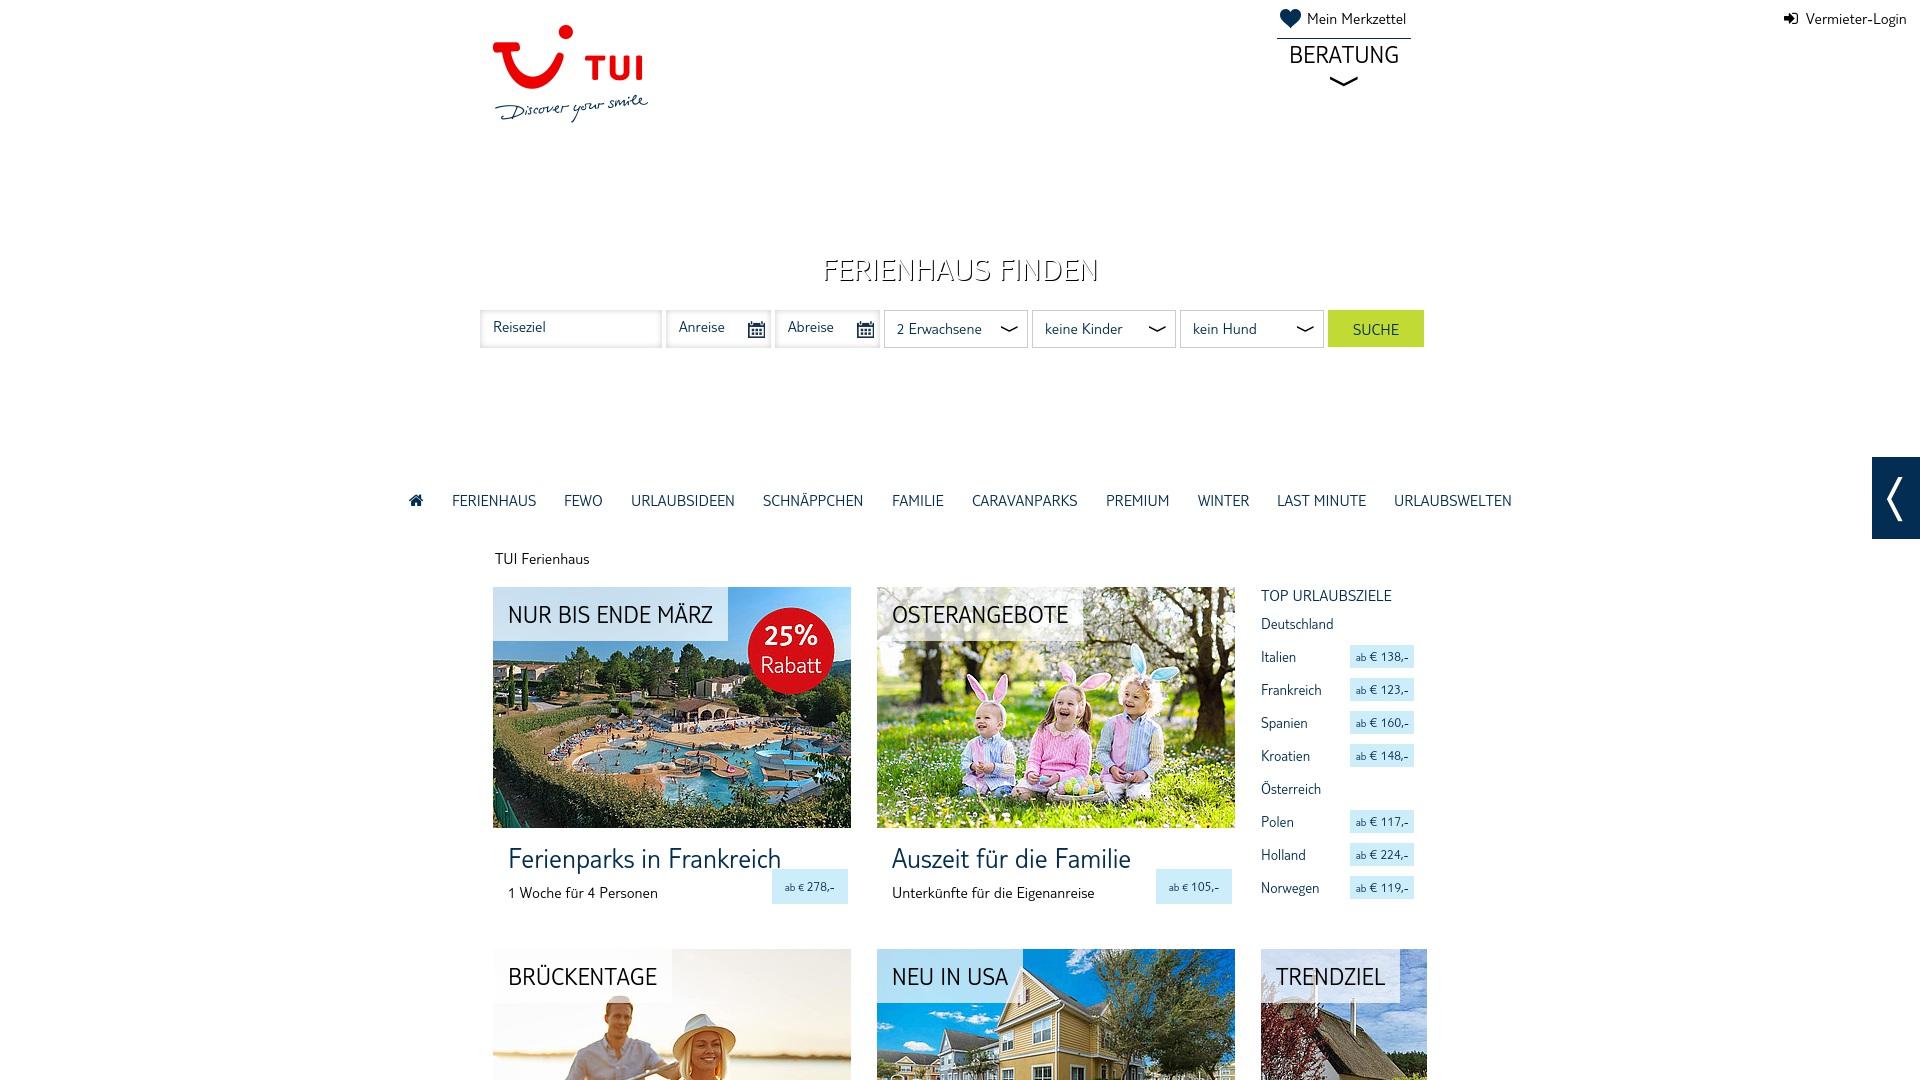 Gutschein für Tui-ferienhaus: Rabatte für  Tui-ferienhaus sichern